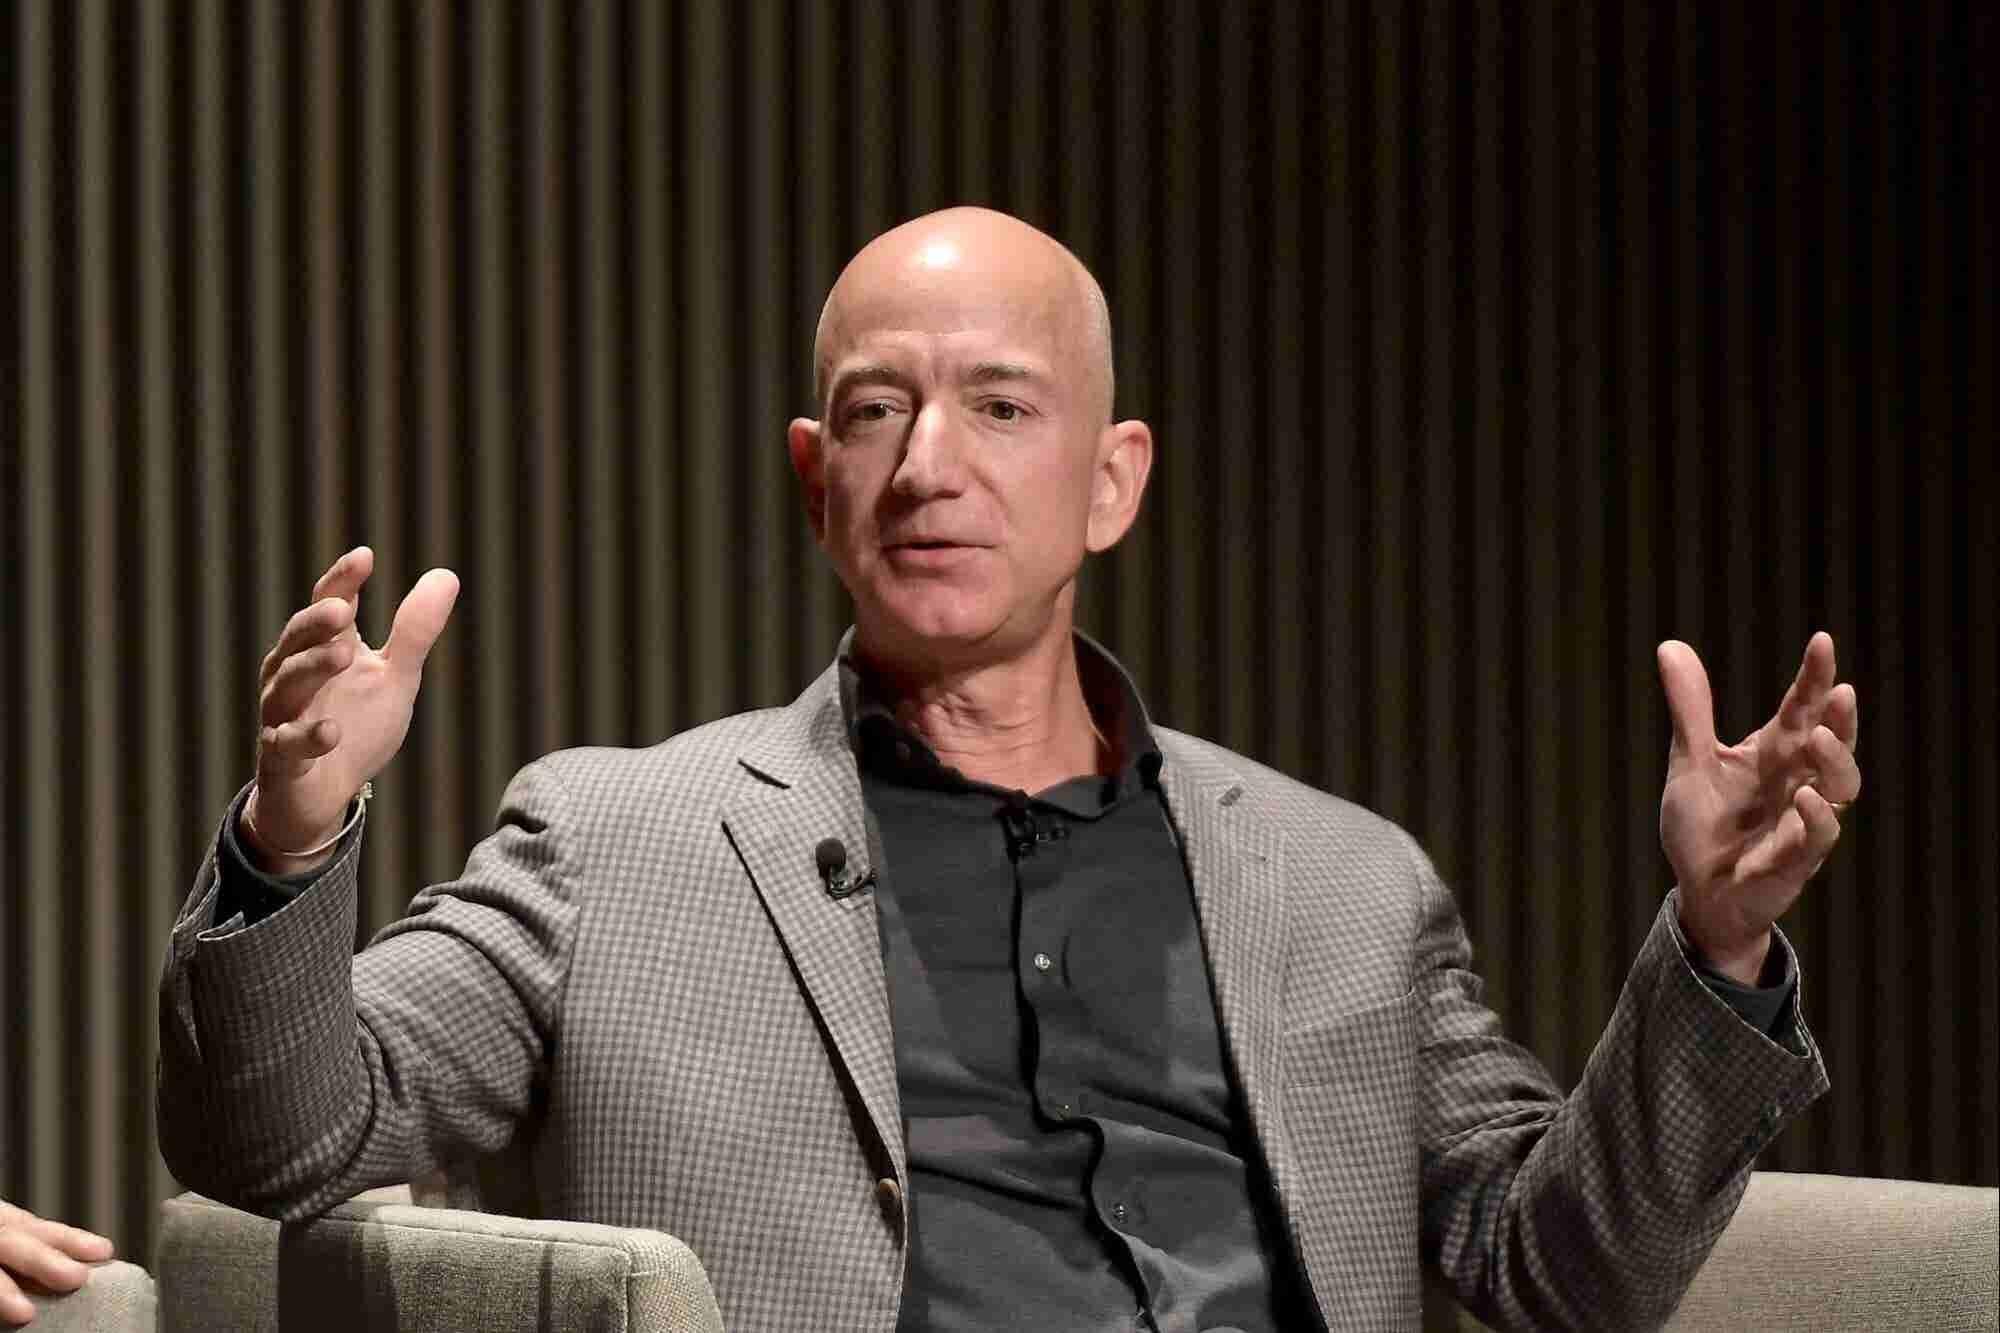 Estas son las 5 cosas que hace el hombre más rico del mundo cuando no está trabajando